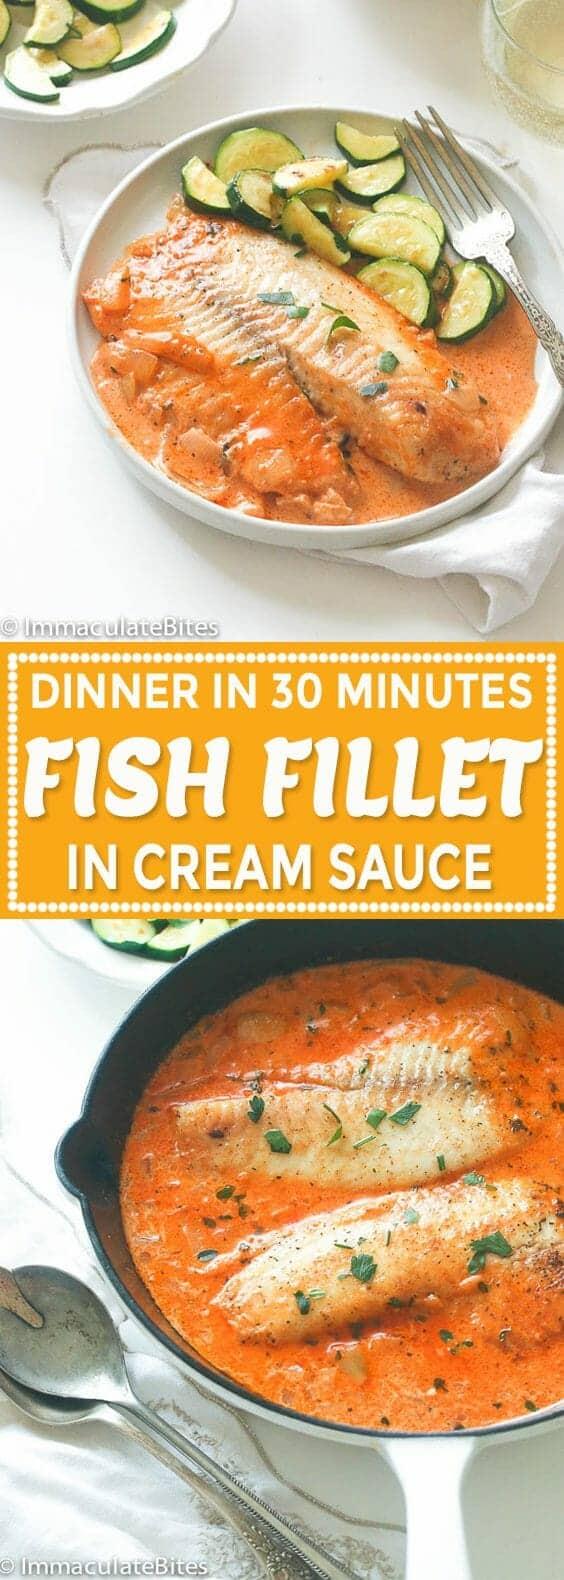 Fish Fillet in Cream Sauce